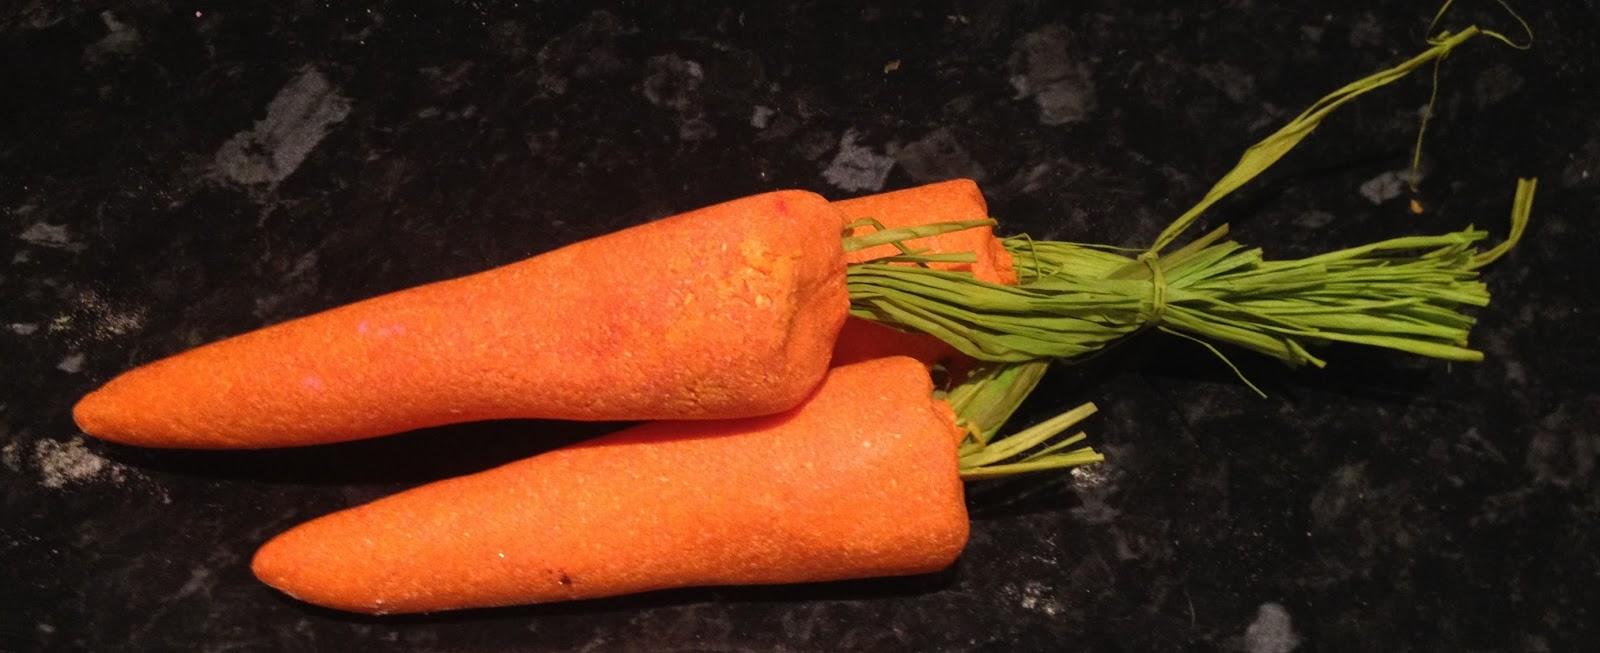 Lush's Easter Range 2014, bunch of carrots